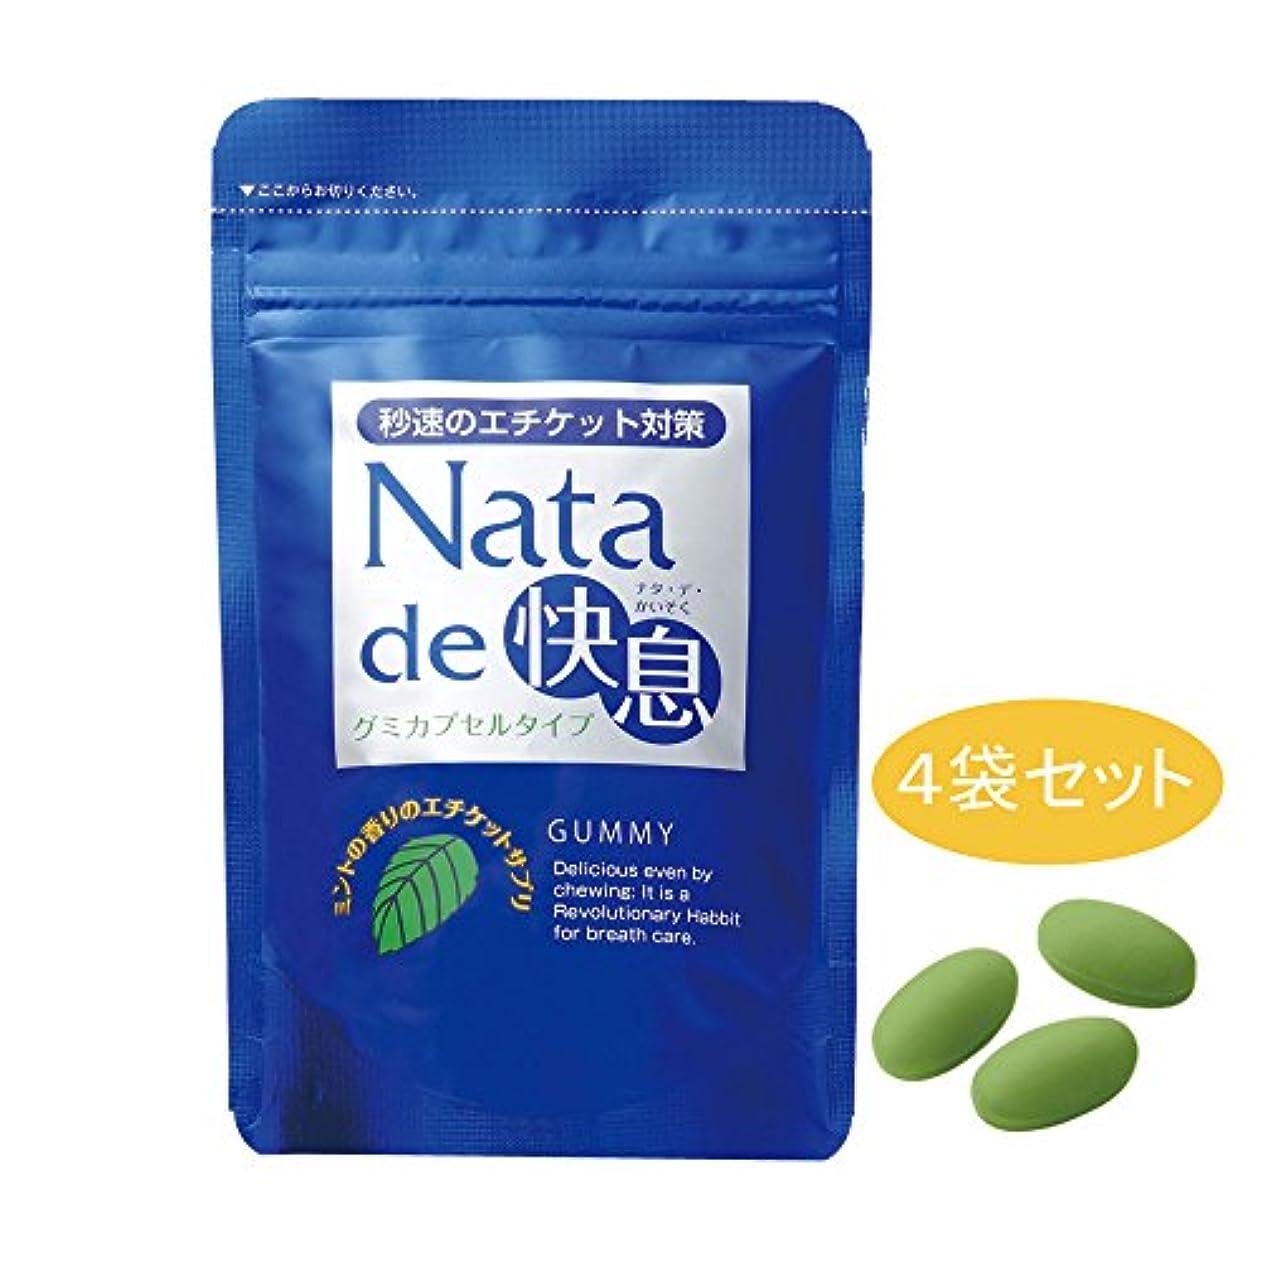 テザー地域の回復するナタデ快息 ミントの香り 4袋セット